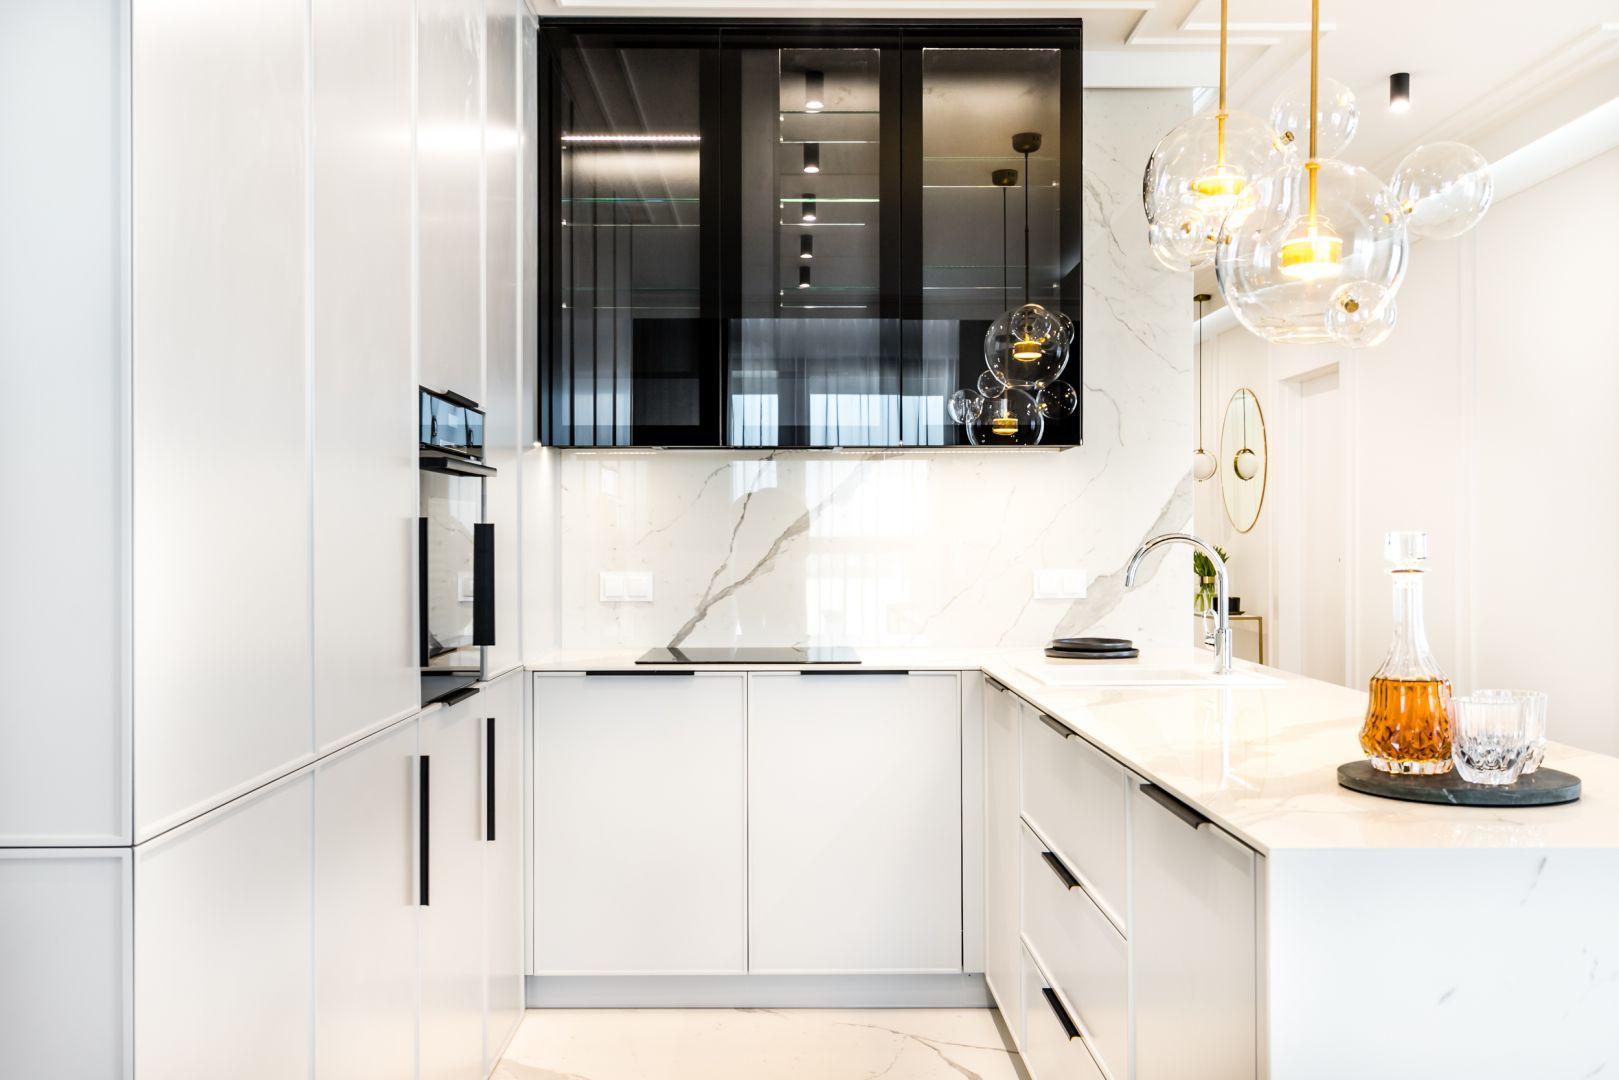 Biała zabudowa kuchenna i odbijające światło okładziny ścienne. Projekt: Anna Milczarek, Moovin Group